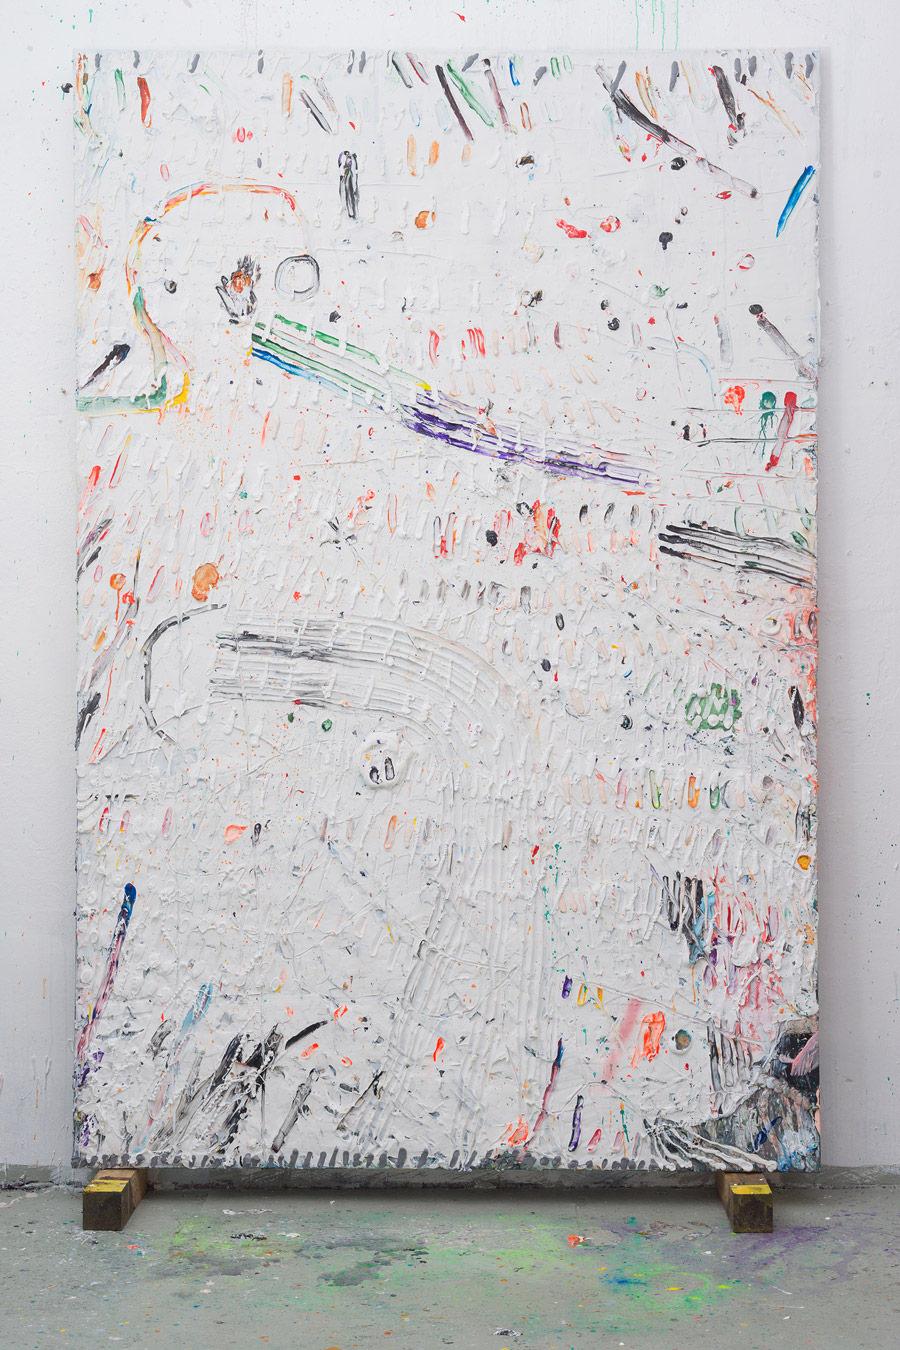 Acrylic on canvas 300x200cm